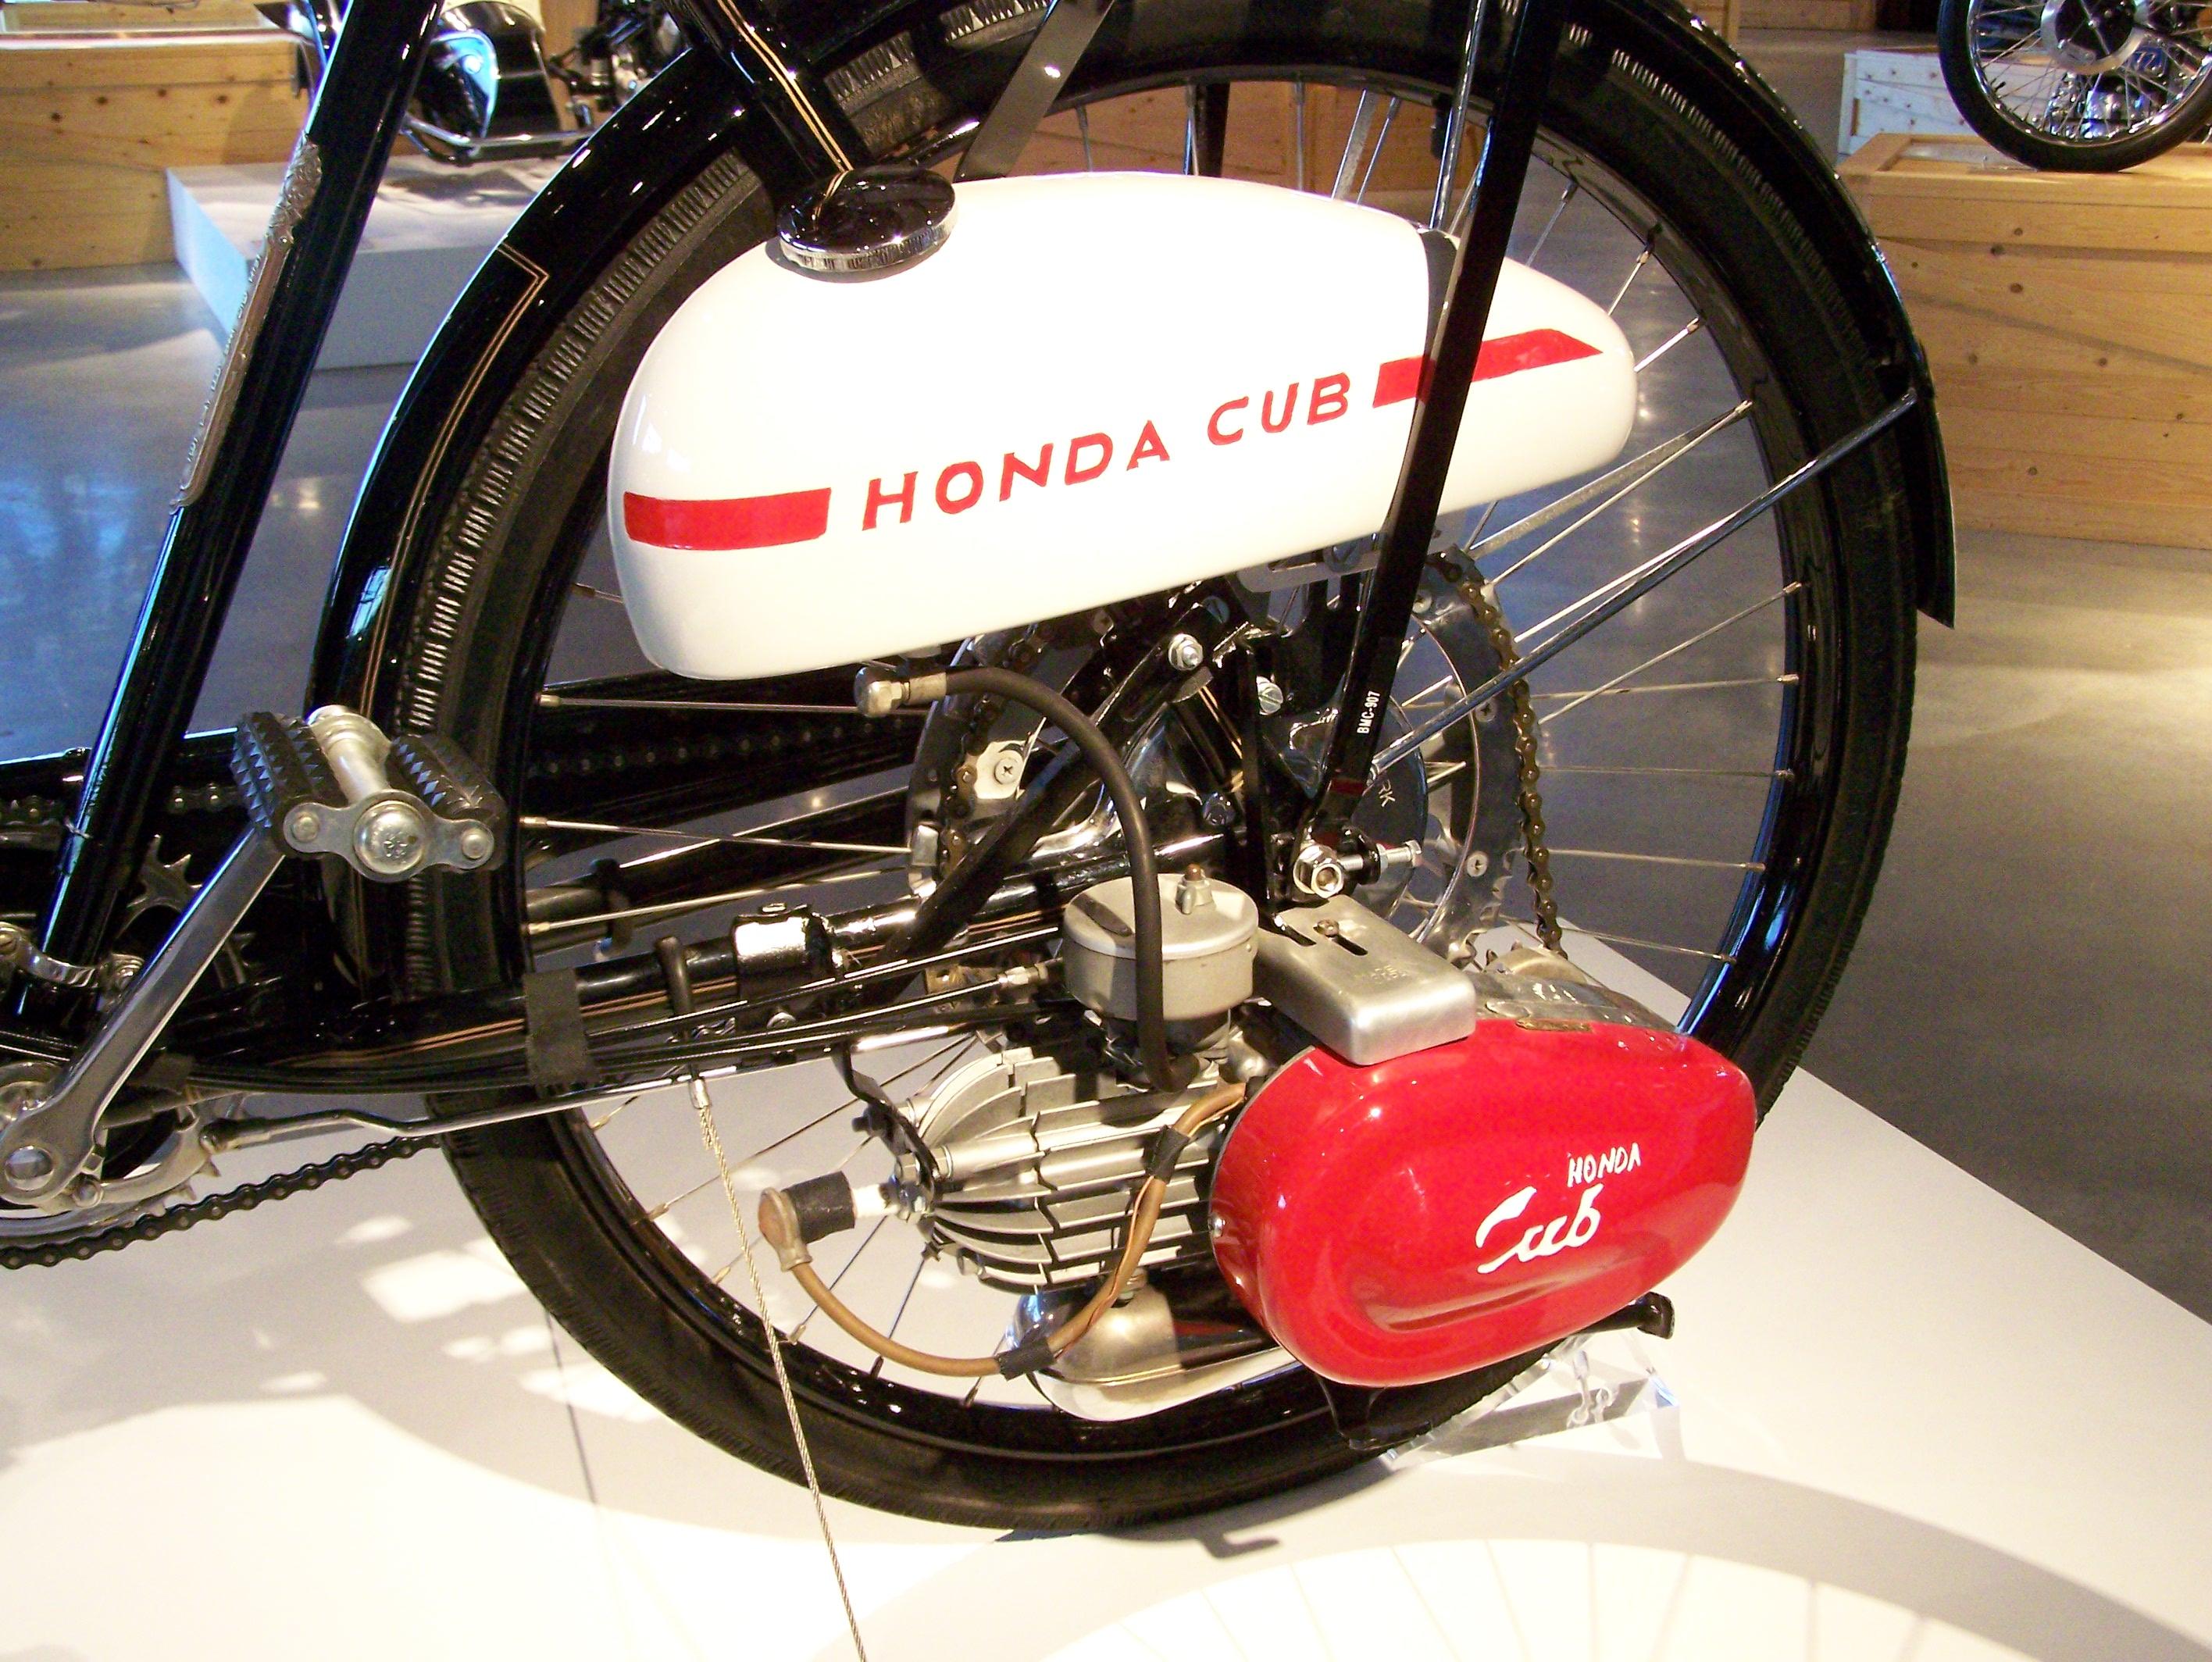 1953_Honda_Cub_01.jpg